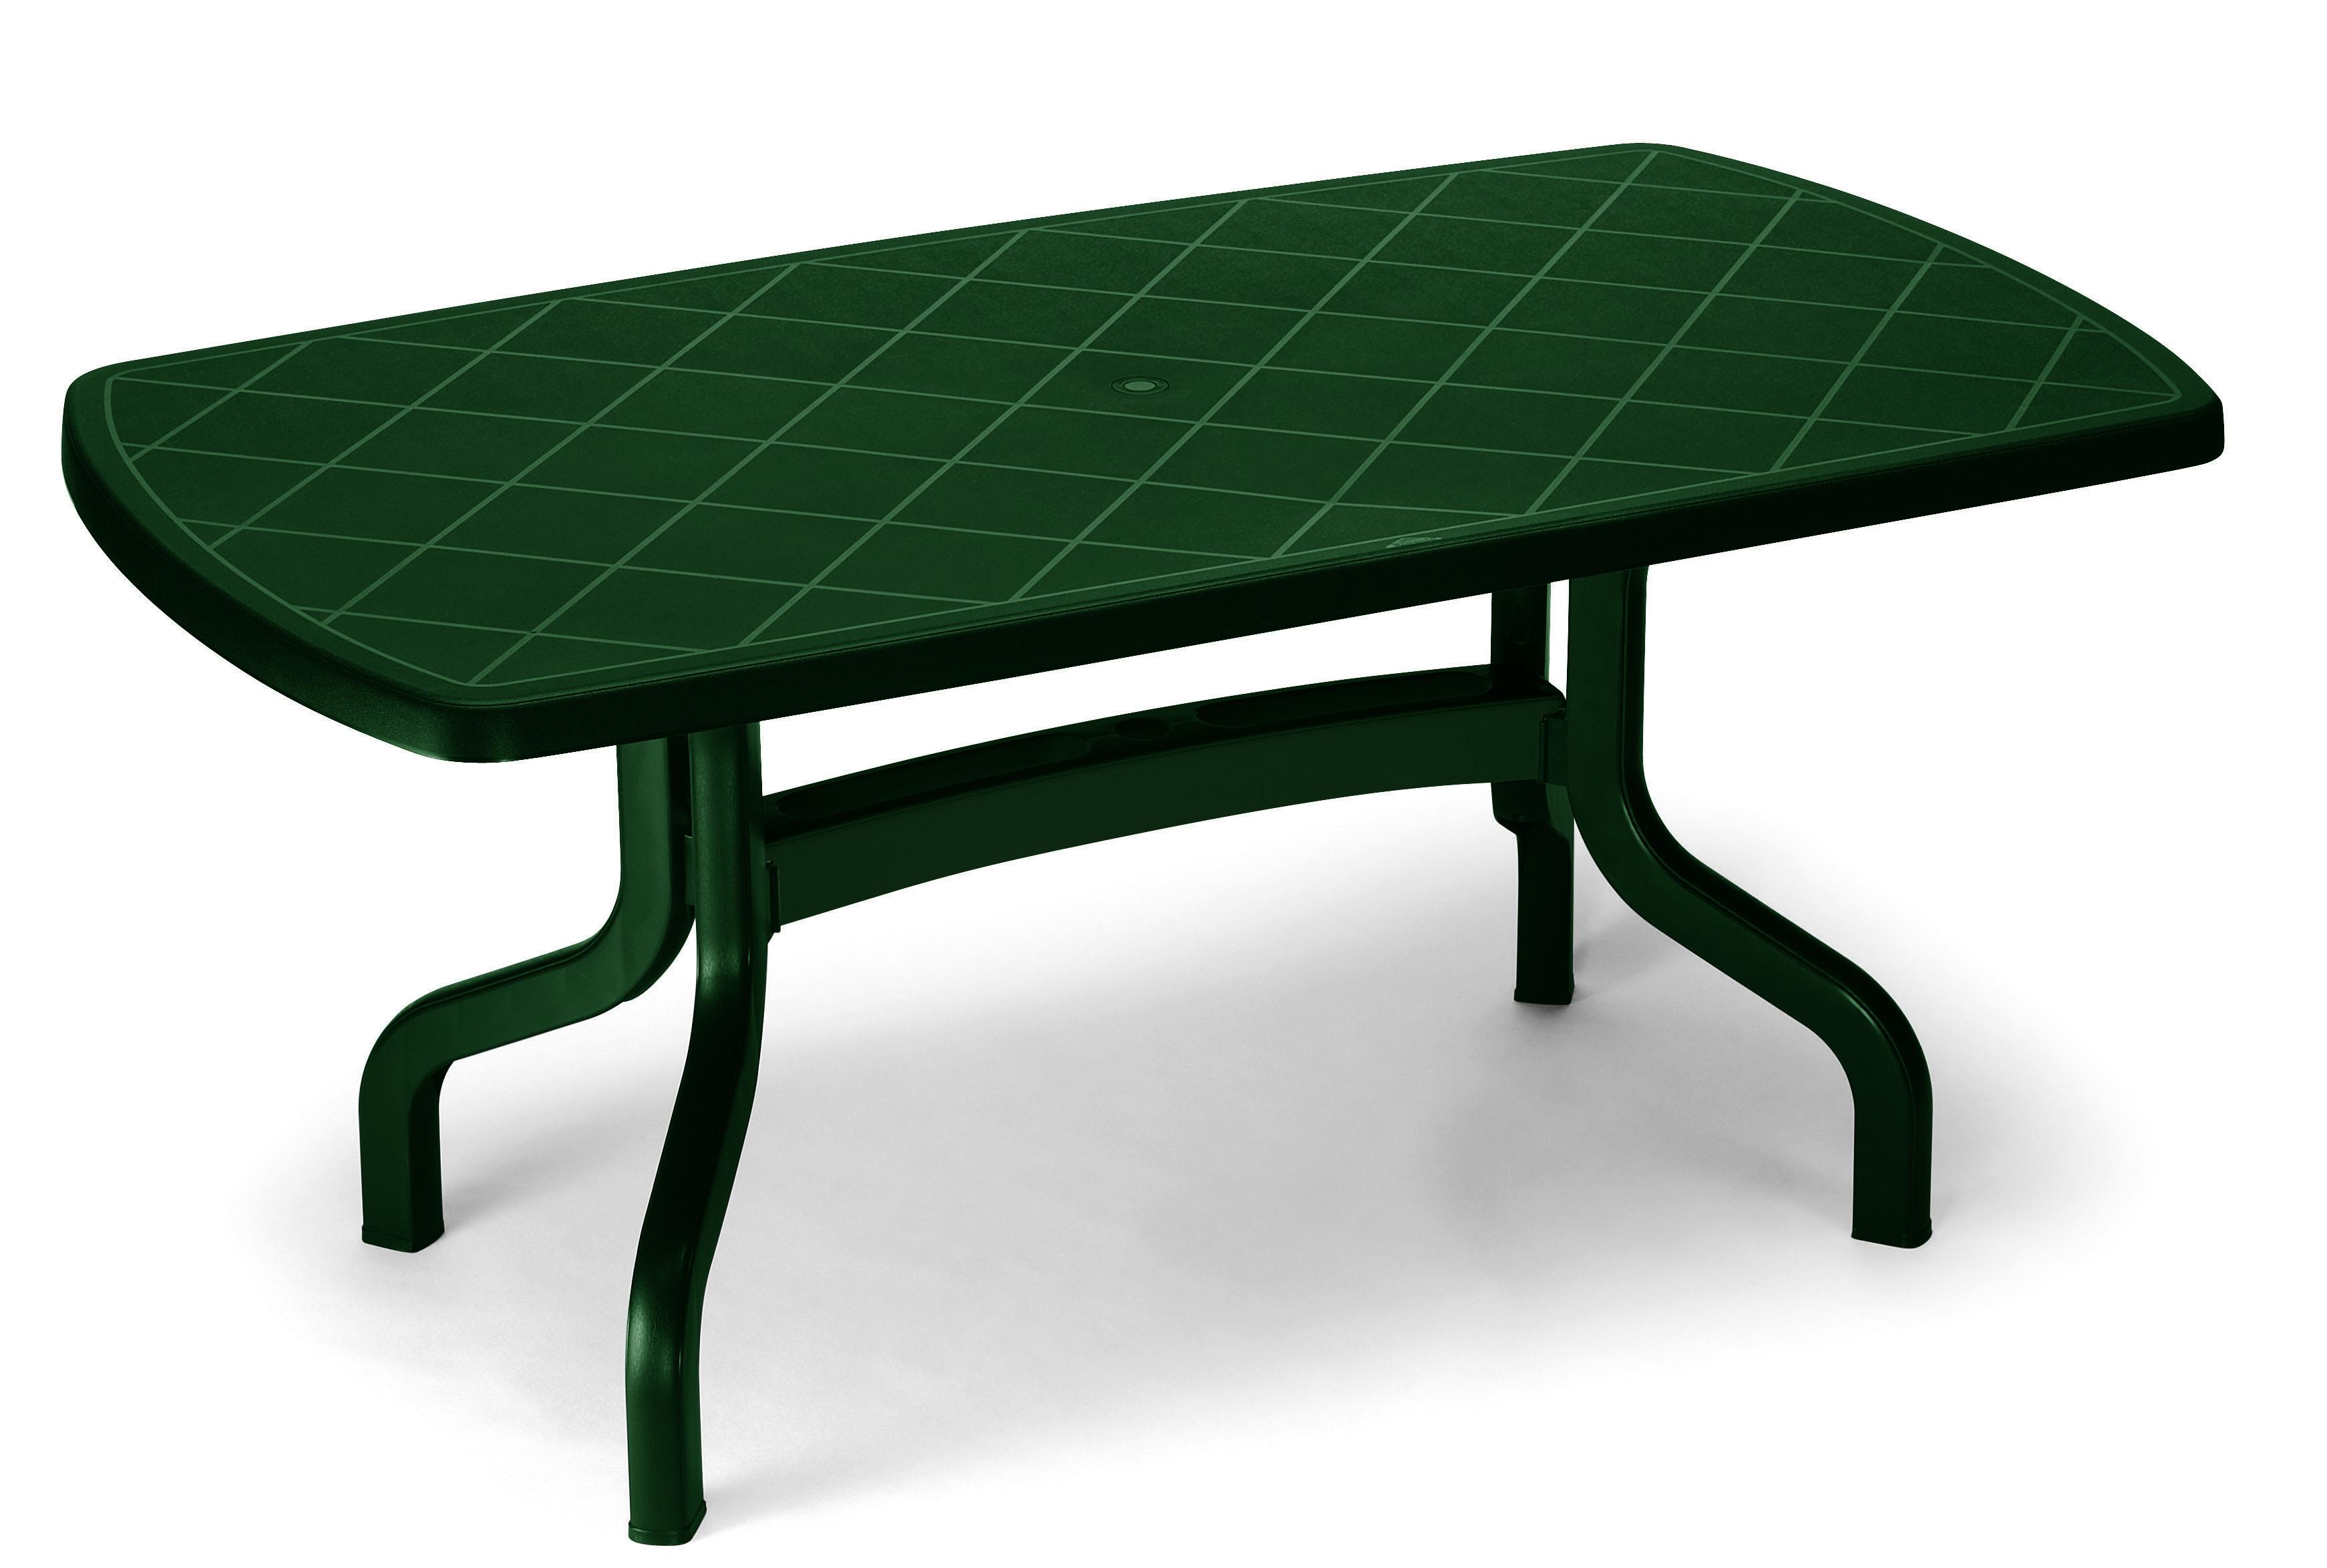 Tavolo da giardino ribalto 160 x 90 contract in resina by for Tavolo giardino